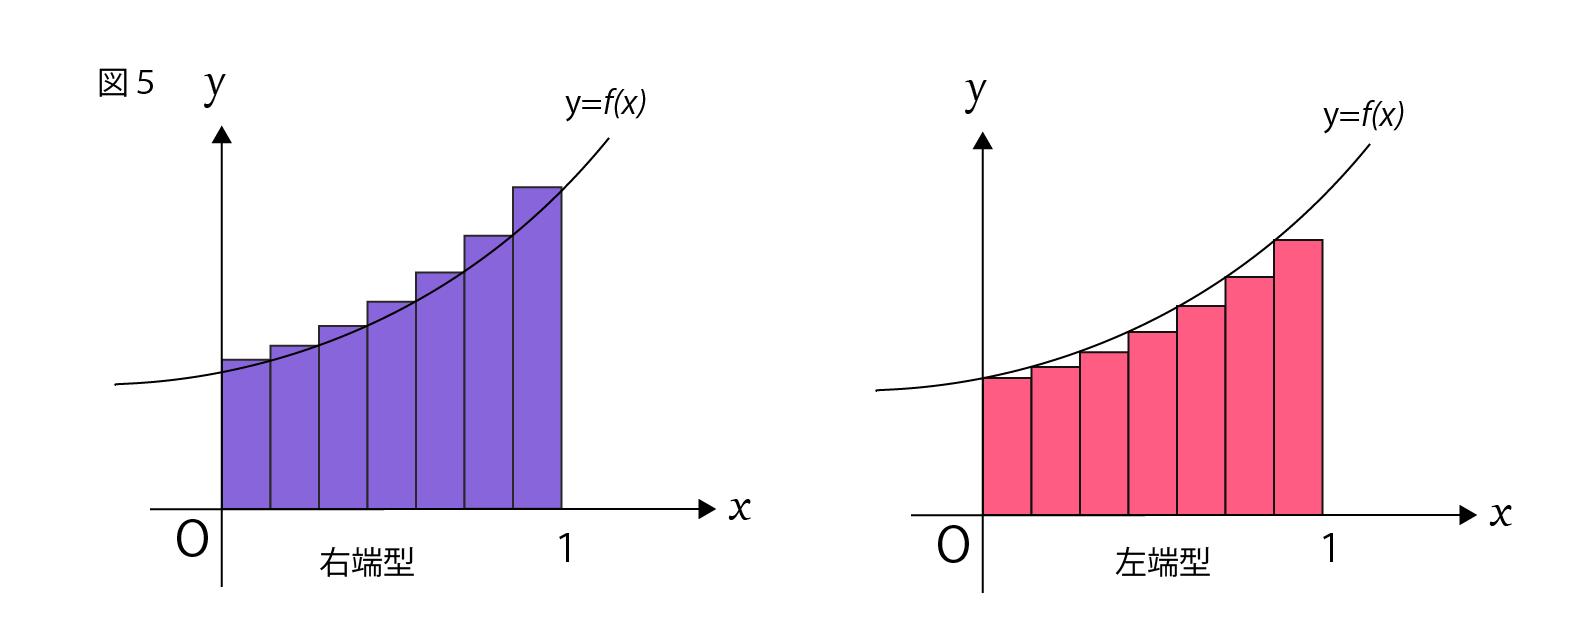 区分求積法の公式が2つある理由